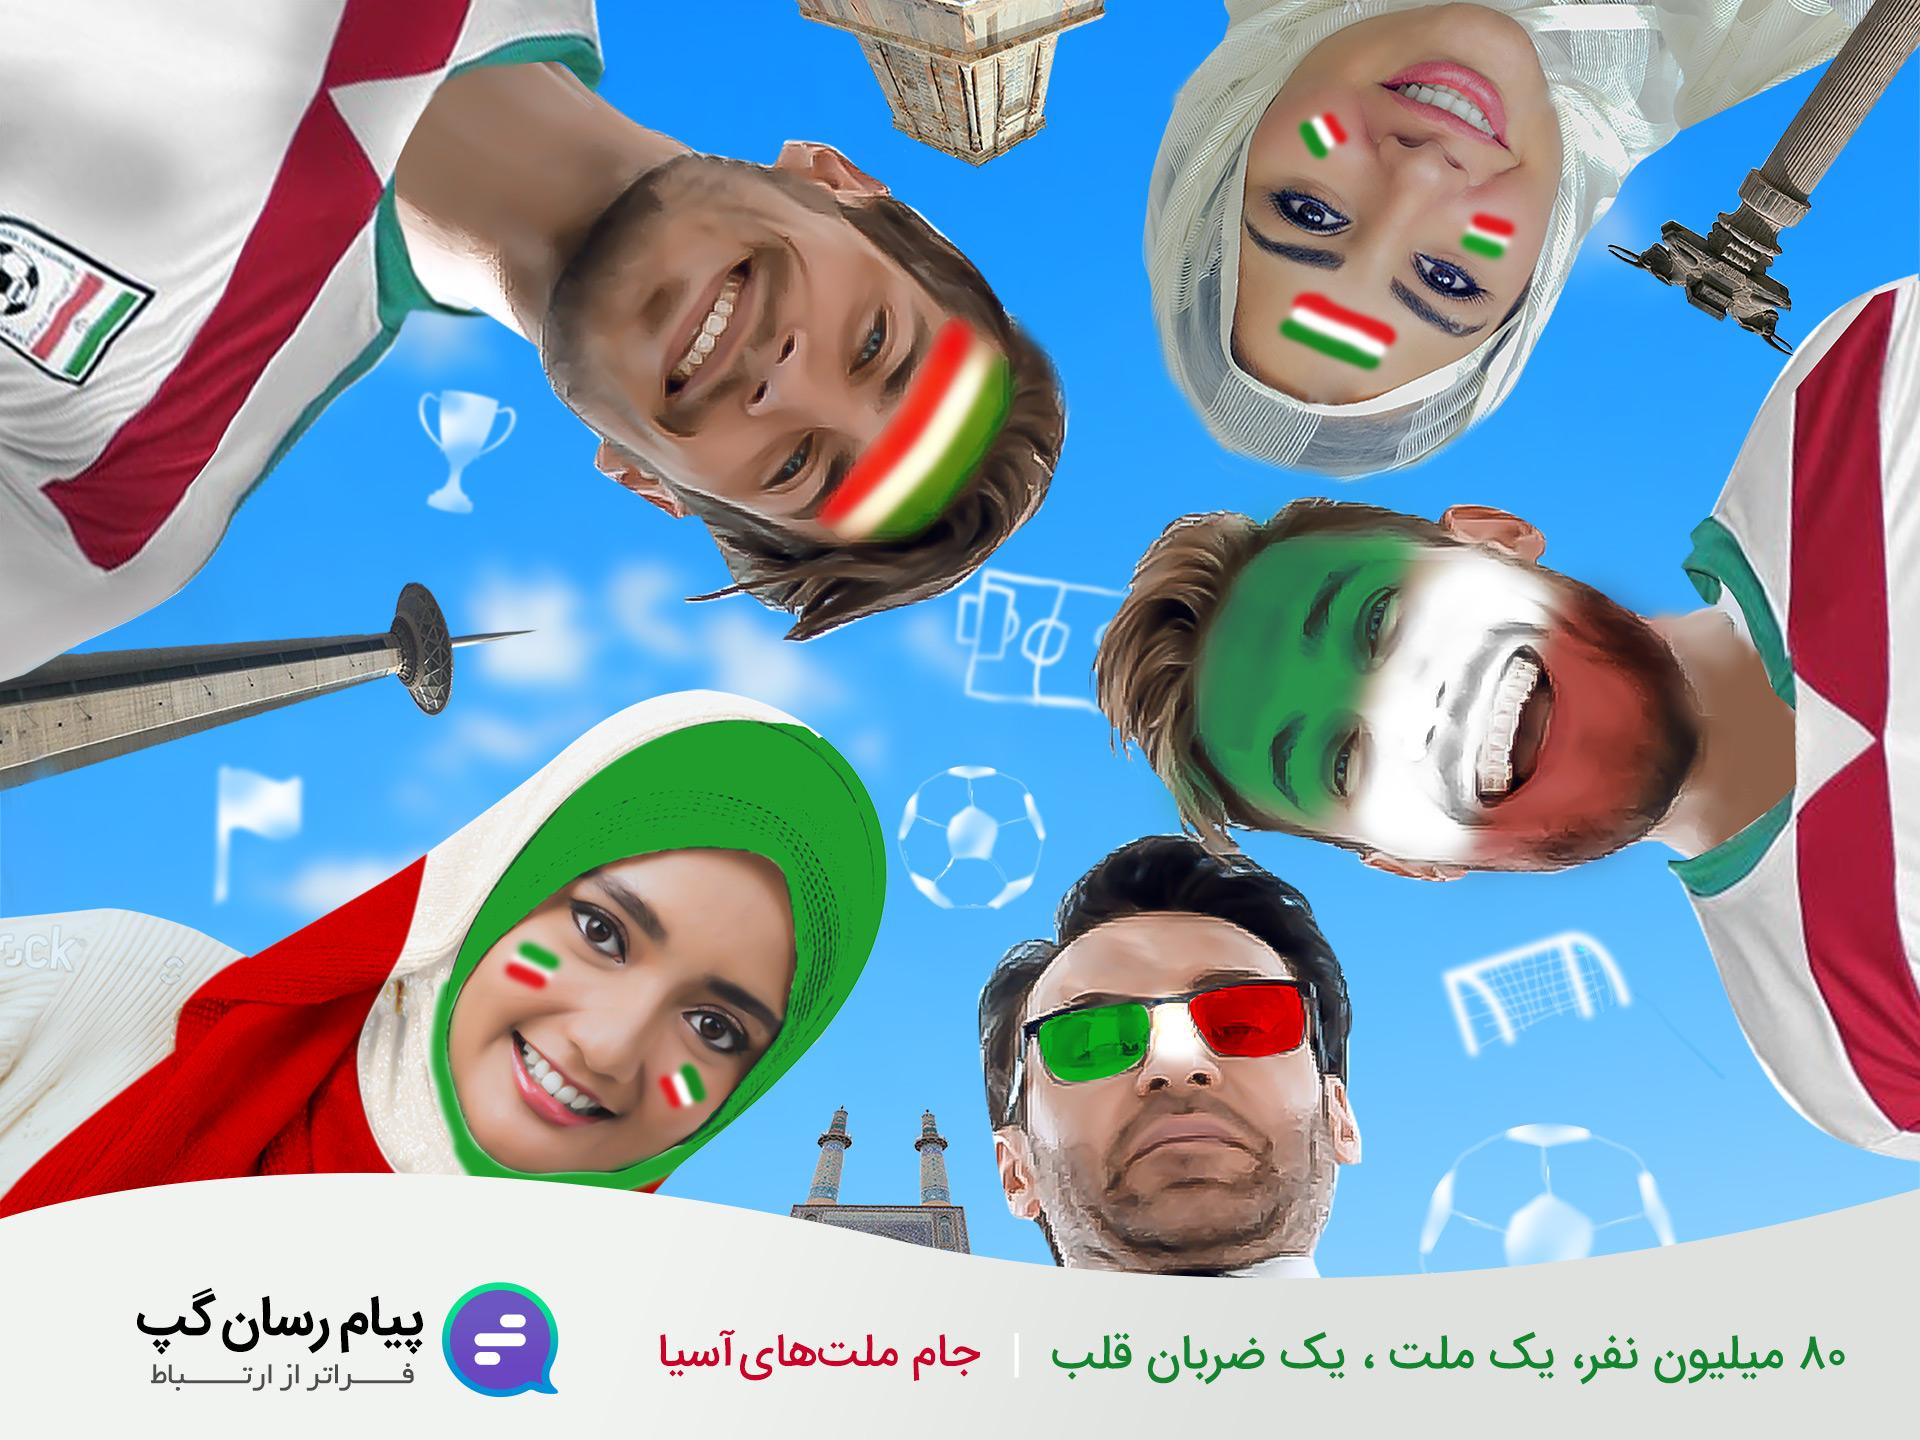 تیم ملی،پیام رسان جهانی